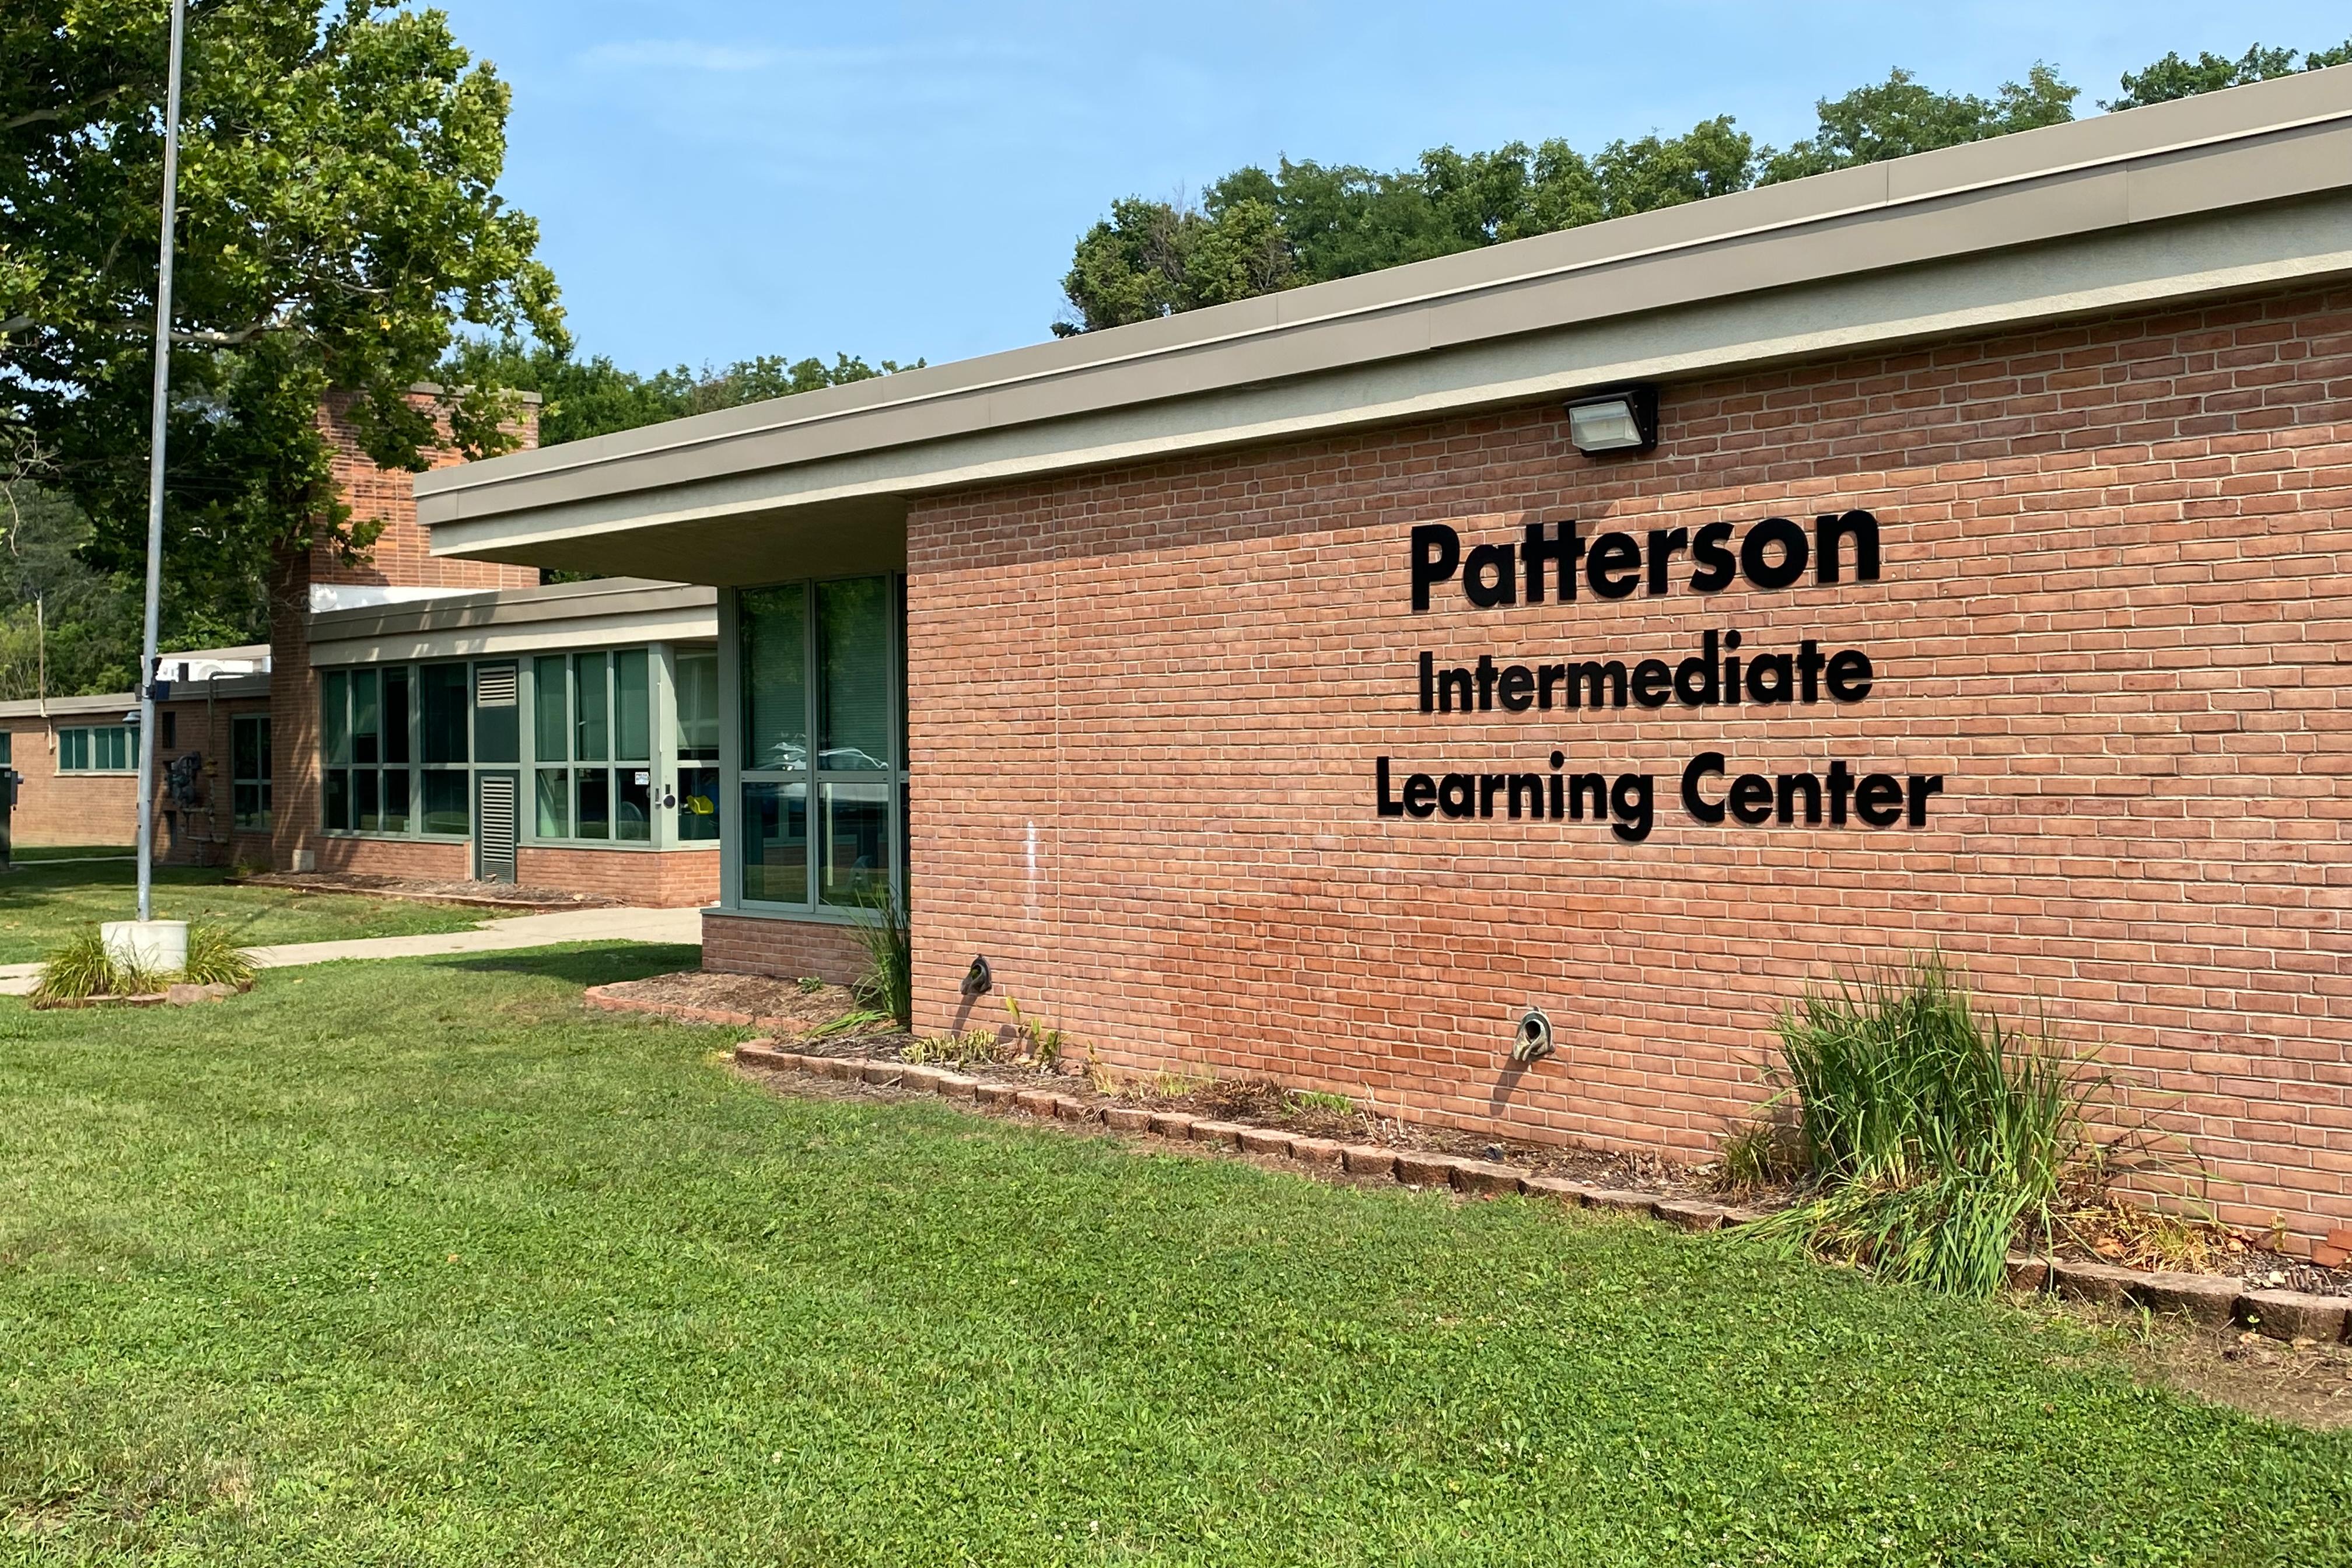 Patterson ILC